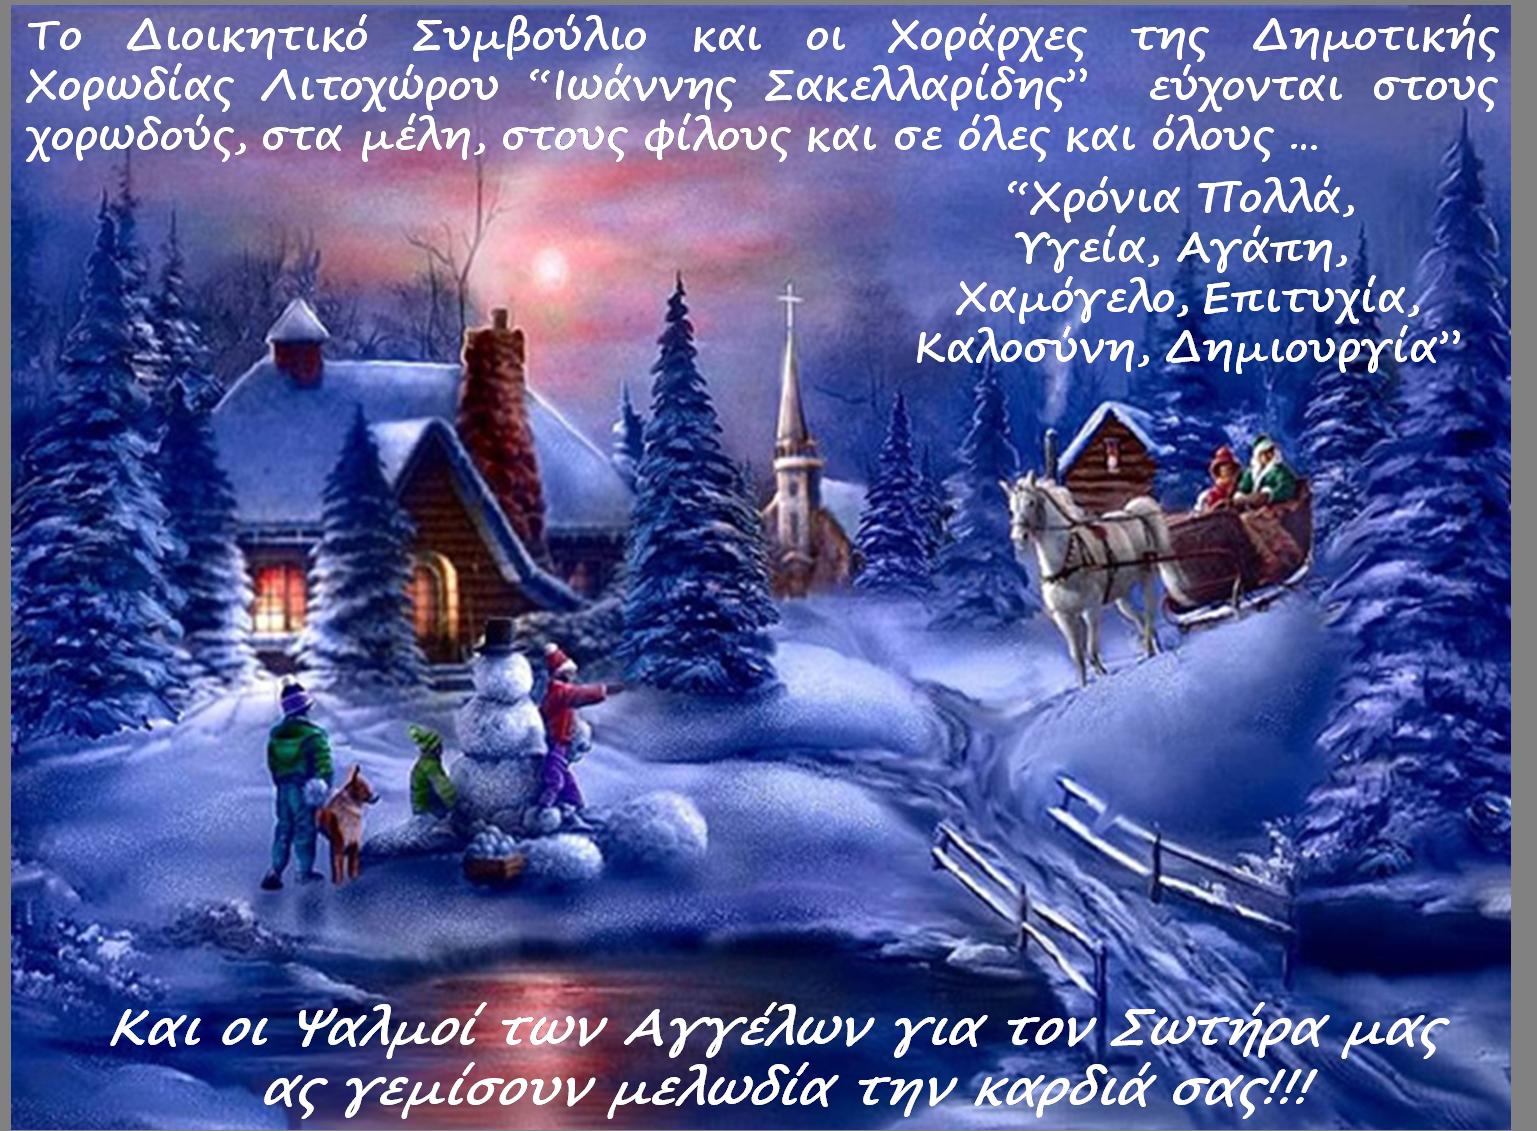 Χριστουγεννιάτικη Κάρτα 2020